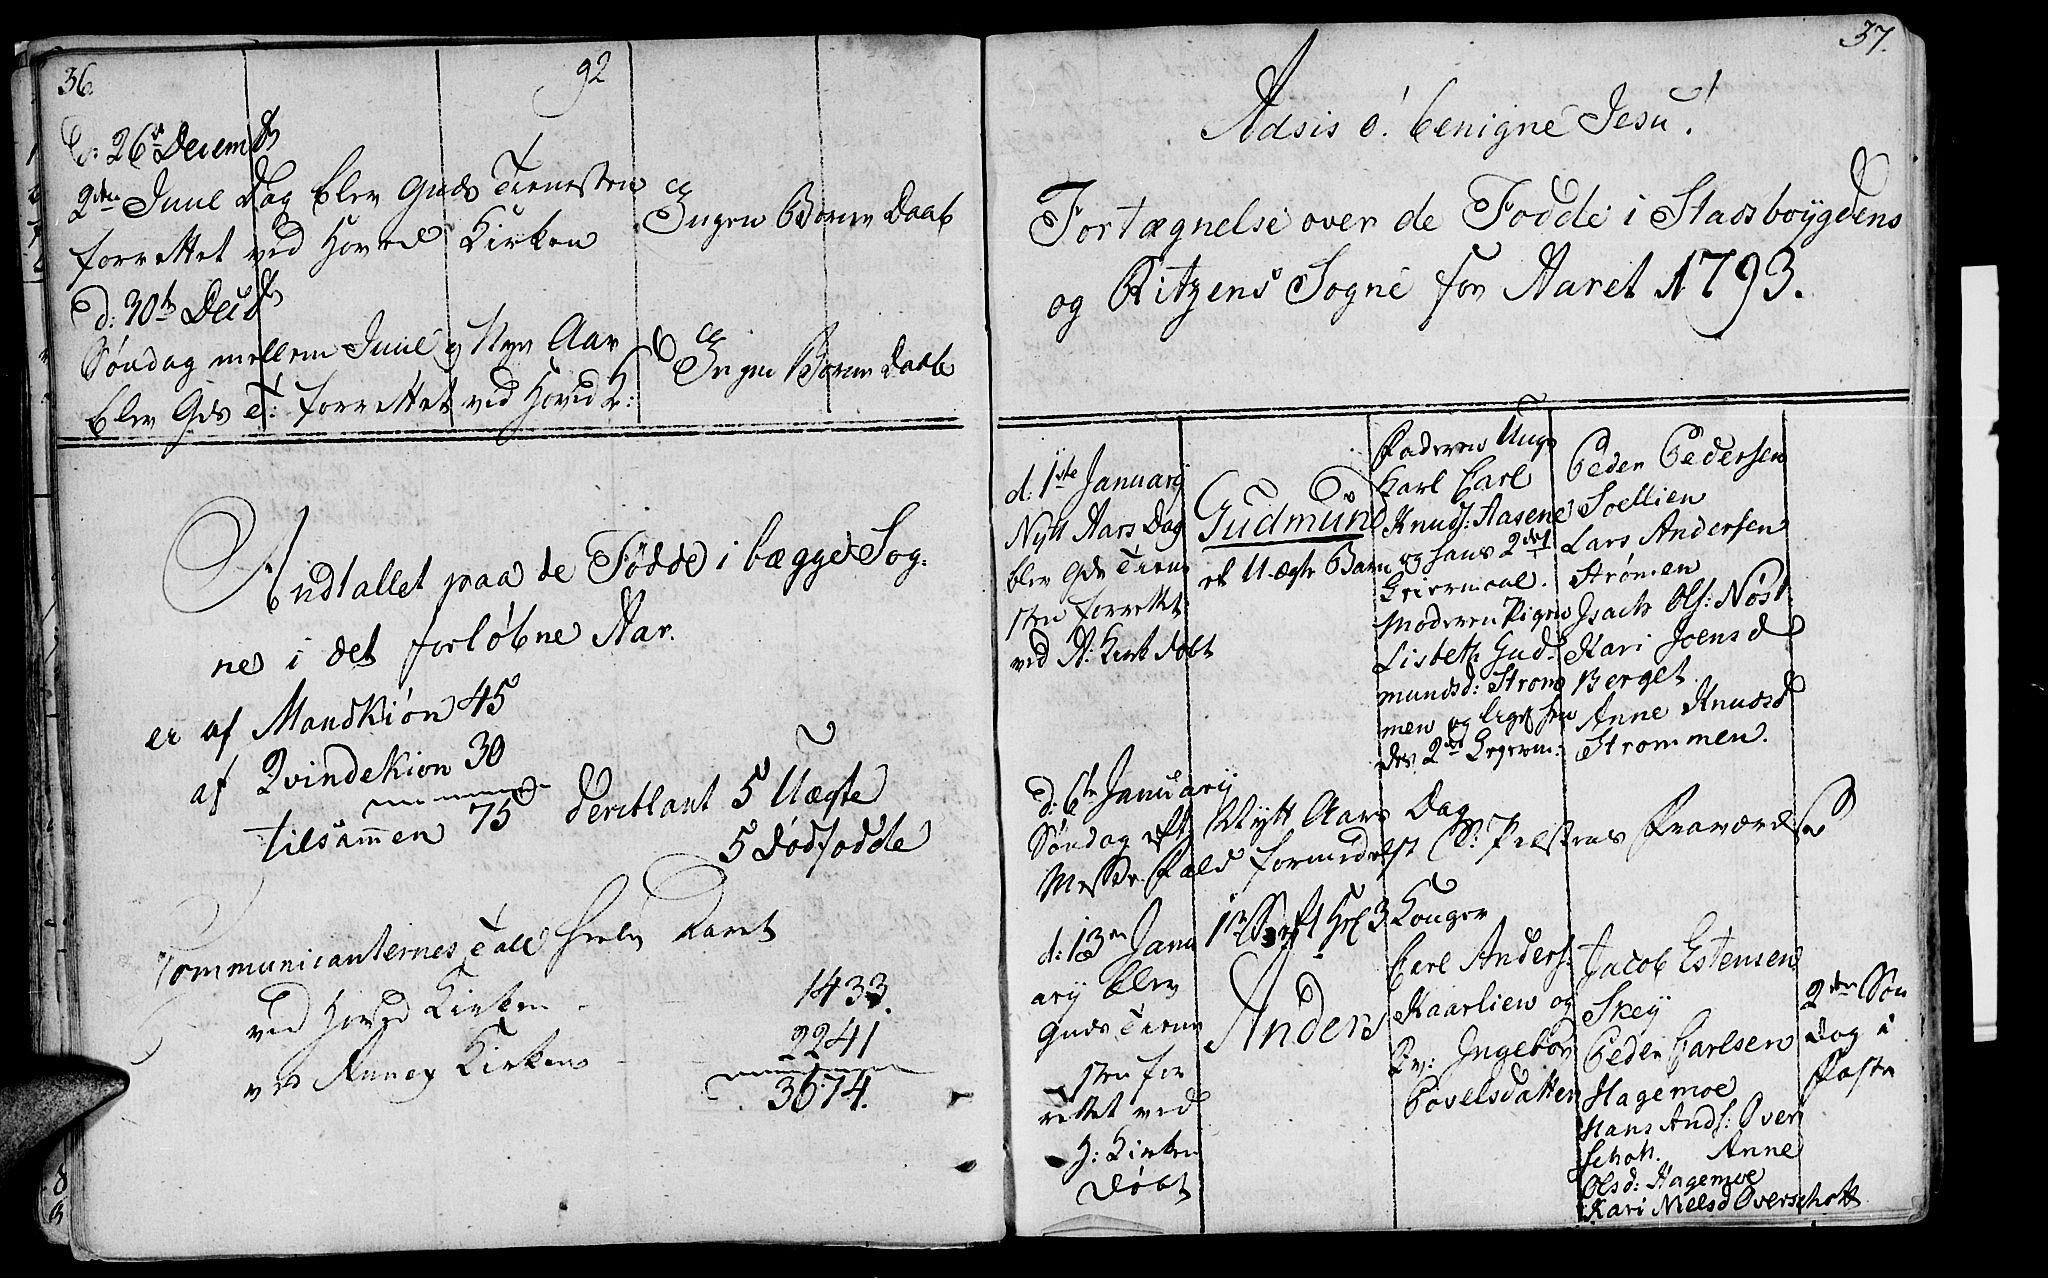 SAT, Ministerialprotokoller, klokkerbøker og fødselsregistre - Sør-Trøndelag, 646/L0606: Ministerialbok nr. 646A04, 1791-1805, s. 36-37